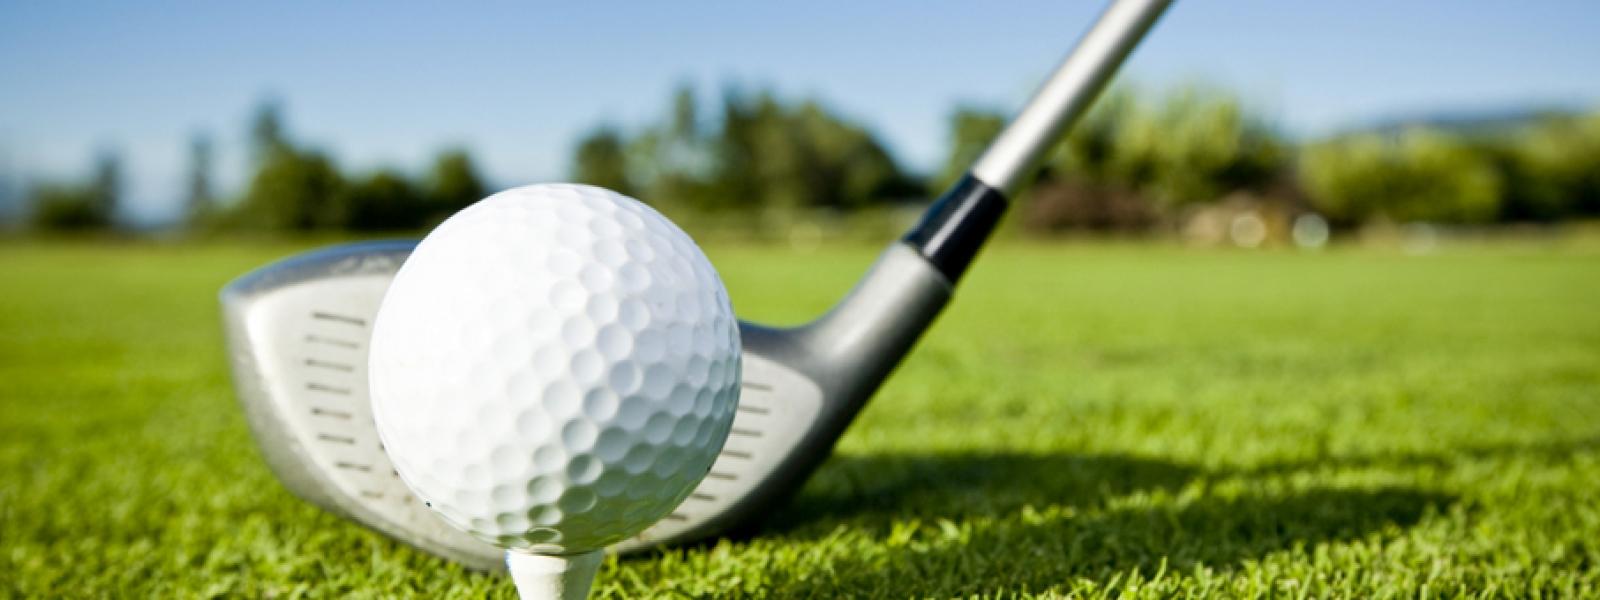 11th annual golf tournament texas scramble crew calgary for Chair network golf